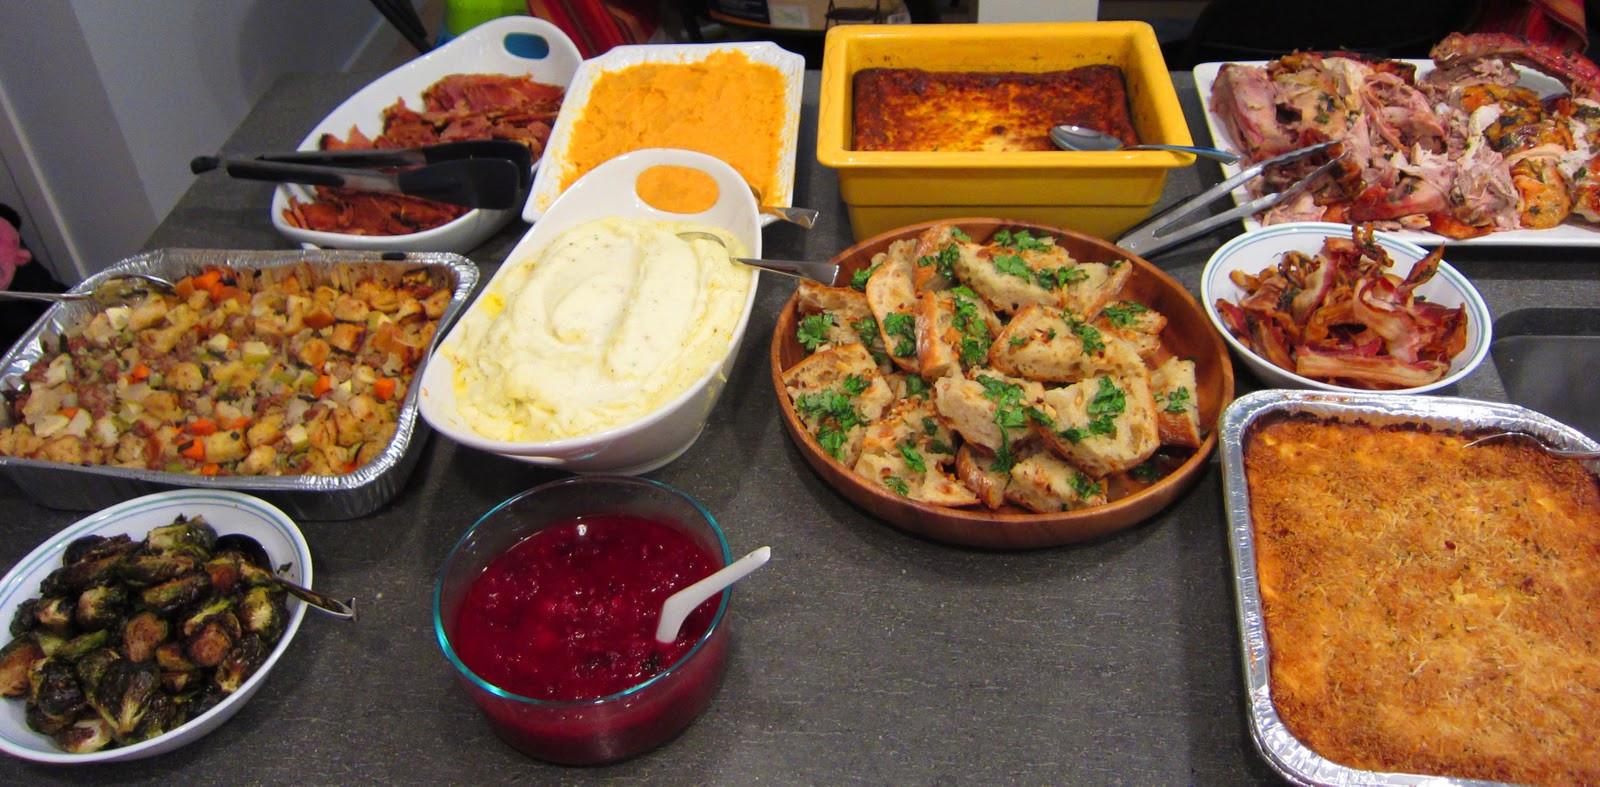 Idea For Thanksgiving Dinner  Tasty Eating Thanksgiving Dinner